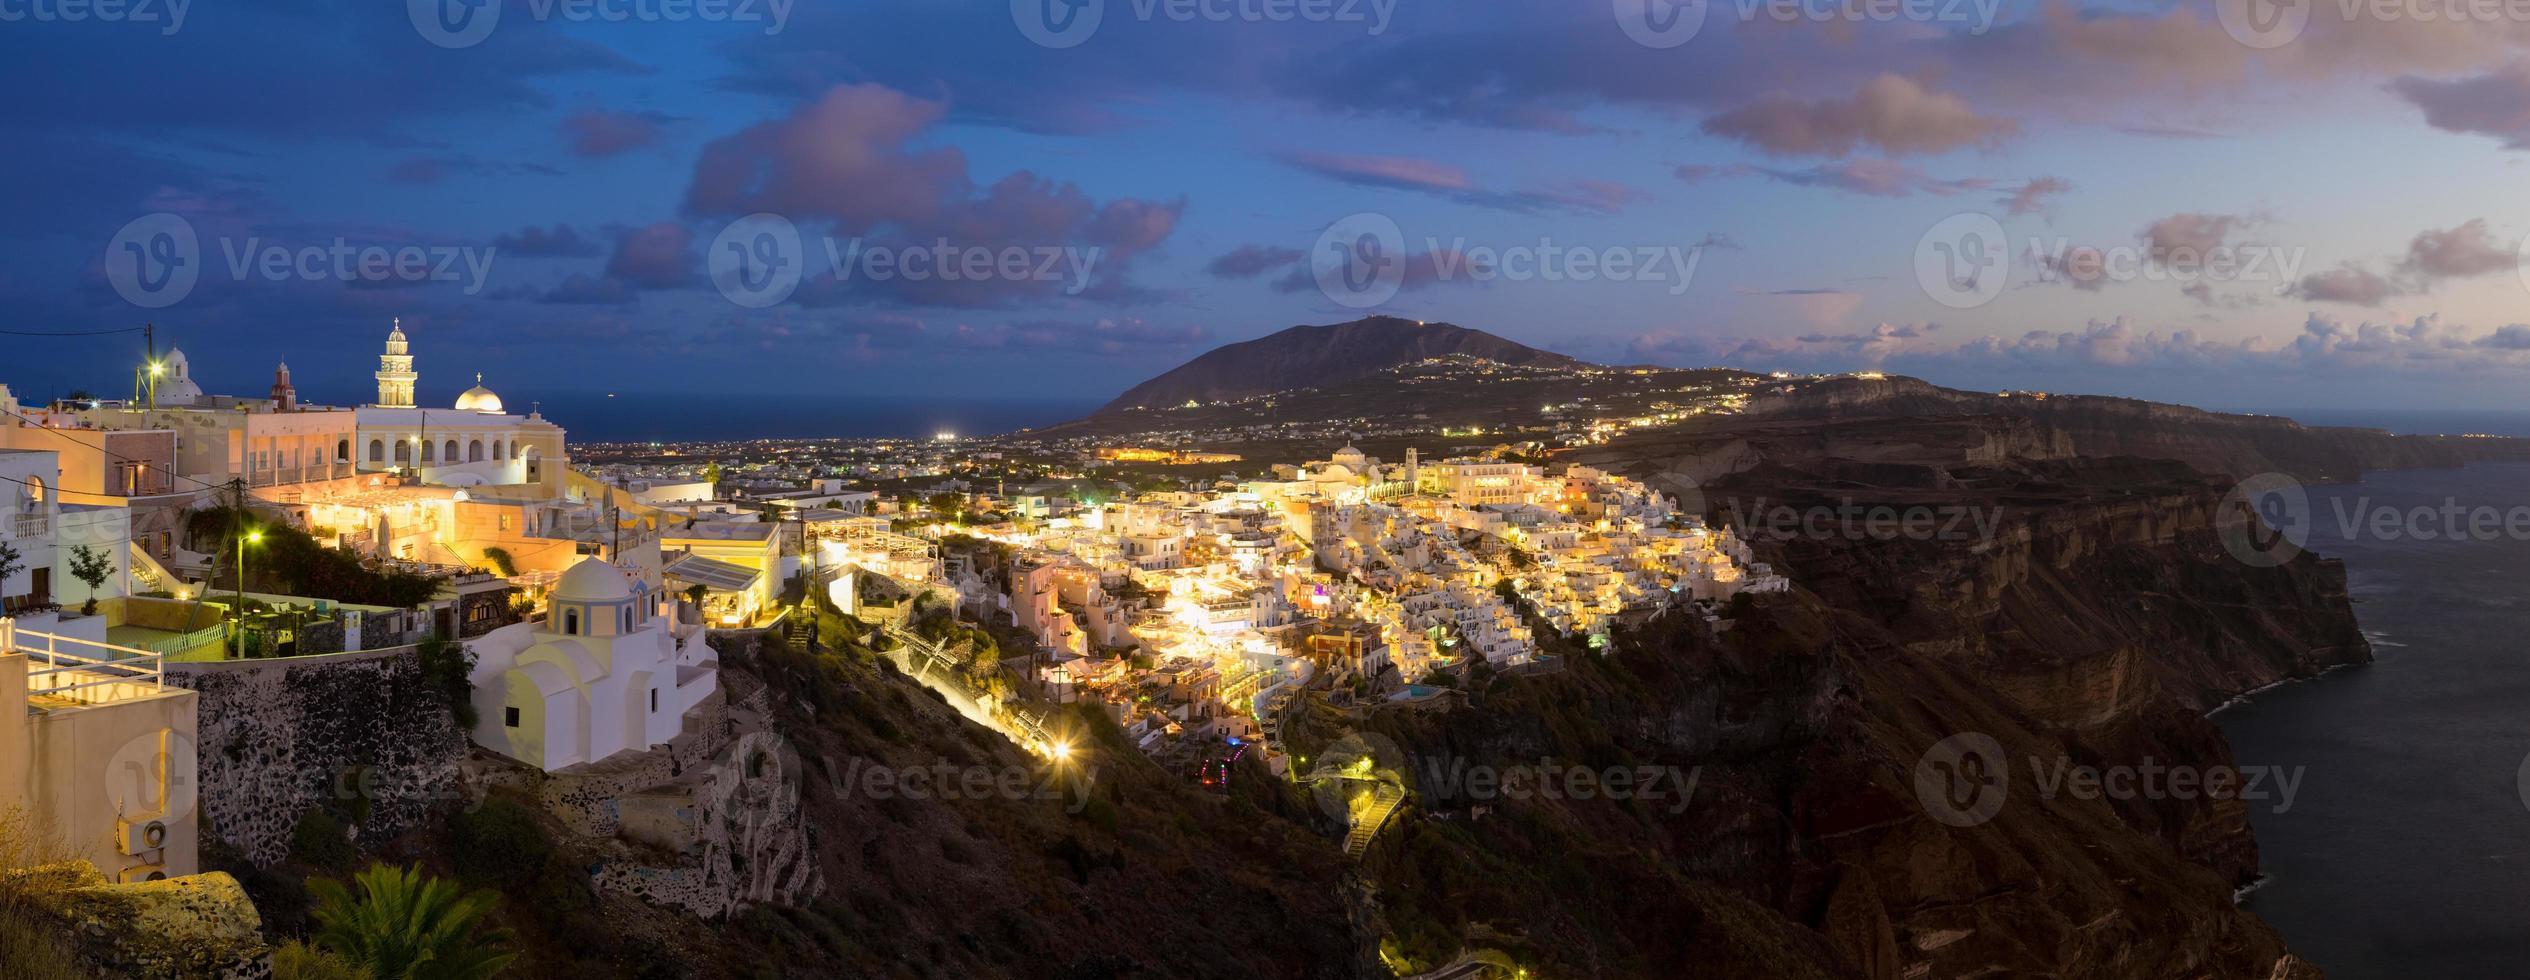 Thira, Santorini, Grecia. foto